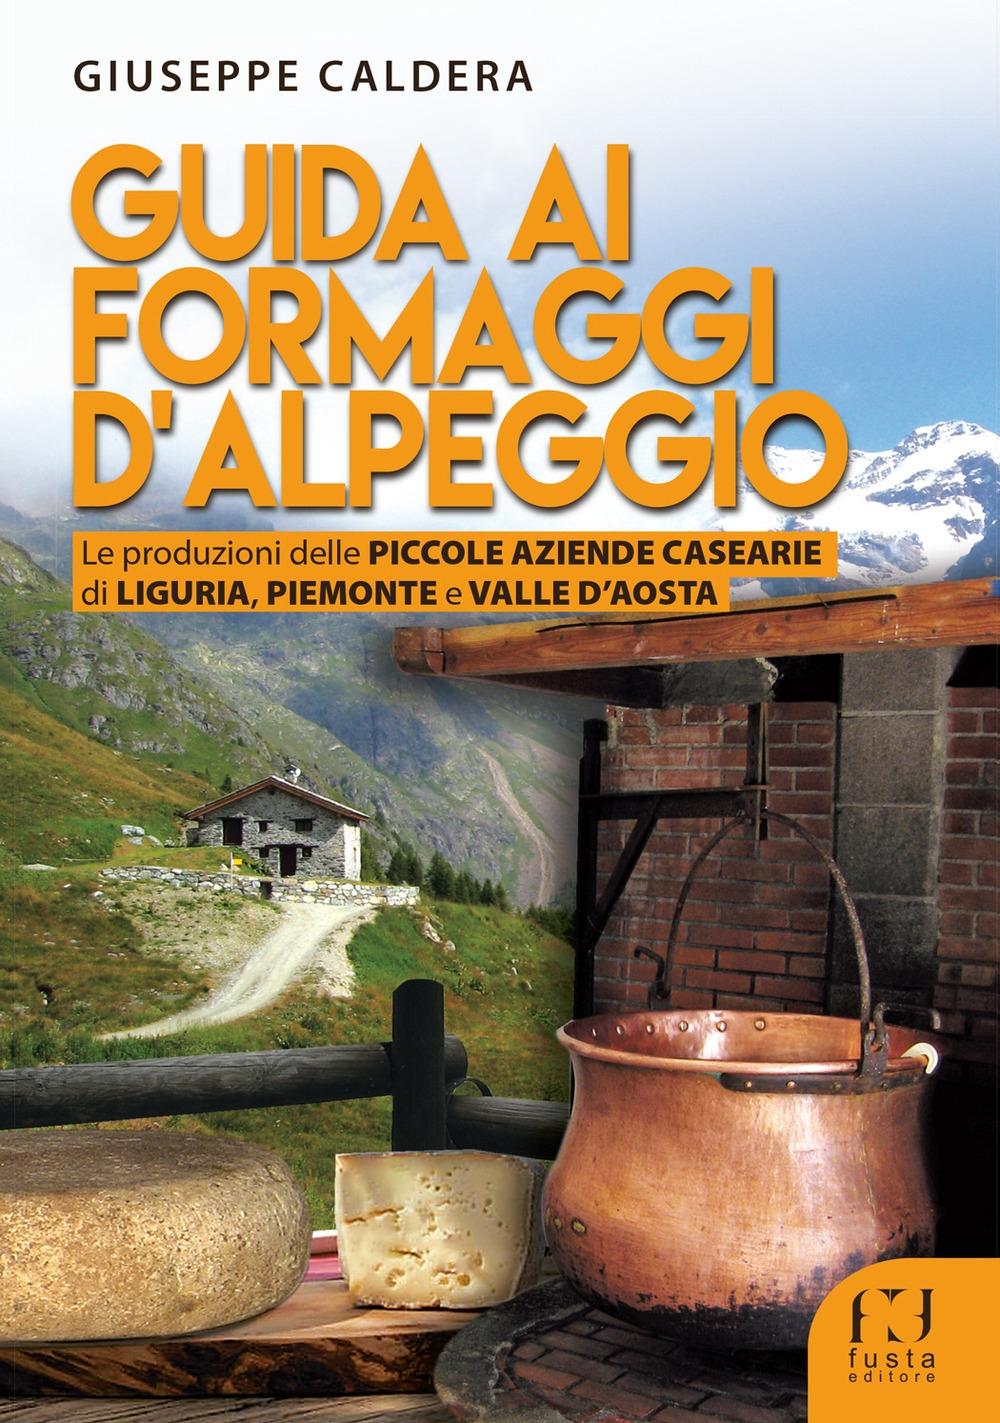 Guida ai formaggi d'alpeggio. Le produzioni delle piccole aziende casearie di Liguria, Piemonte e Valle D'aosta.